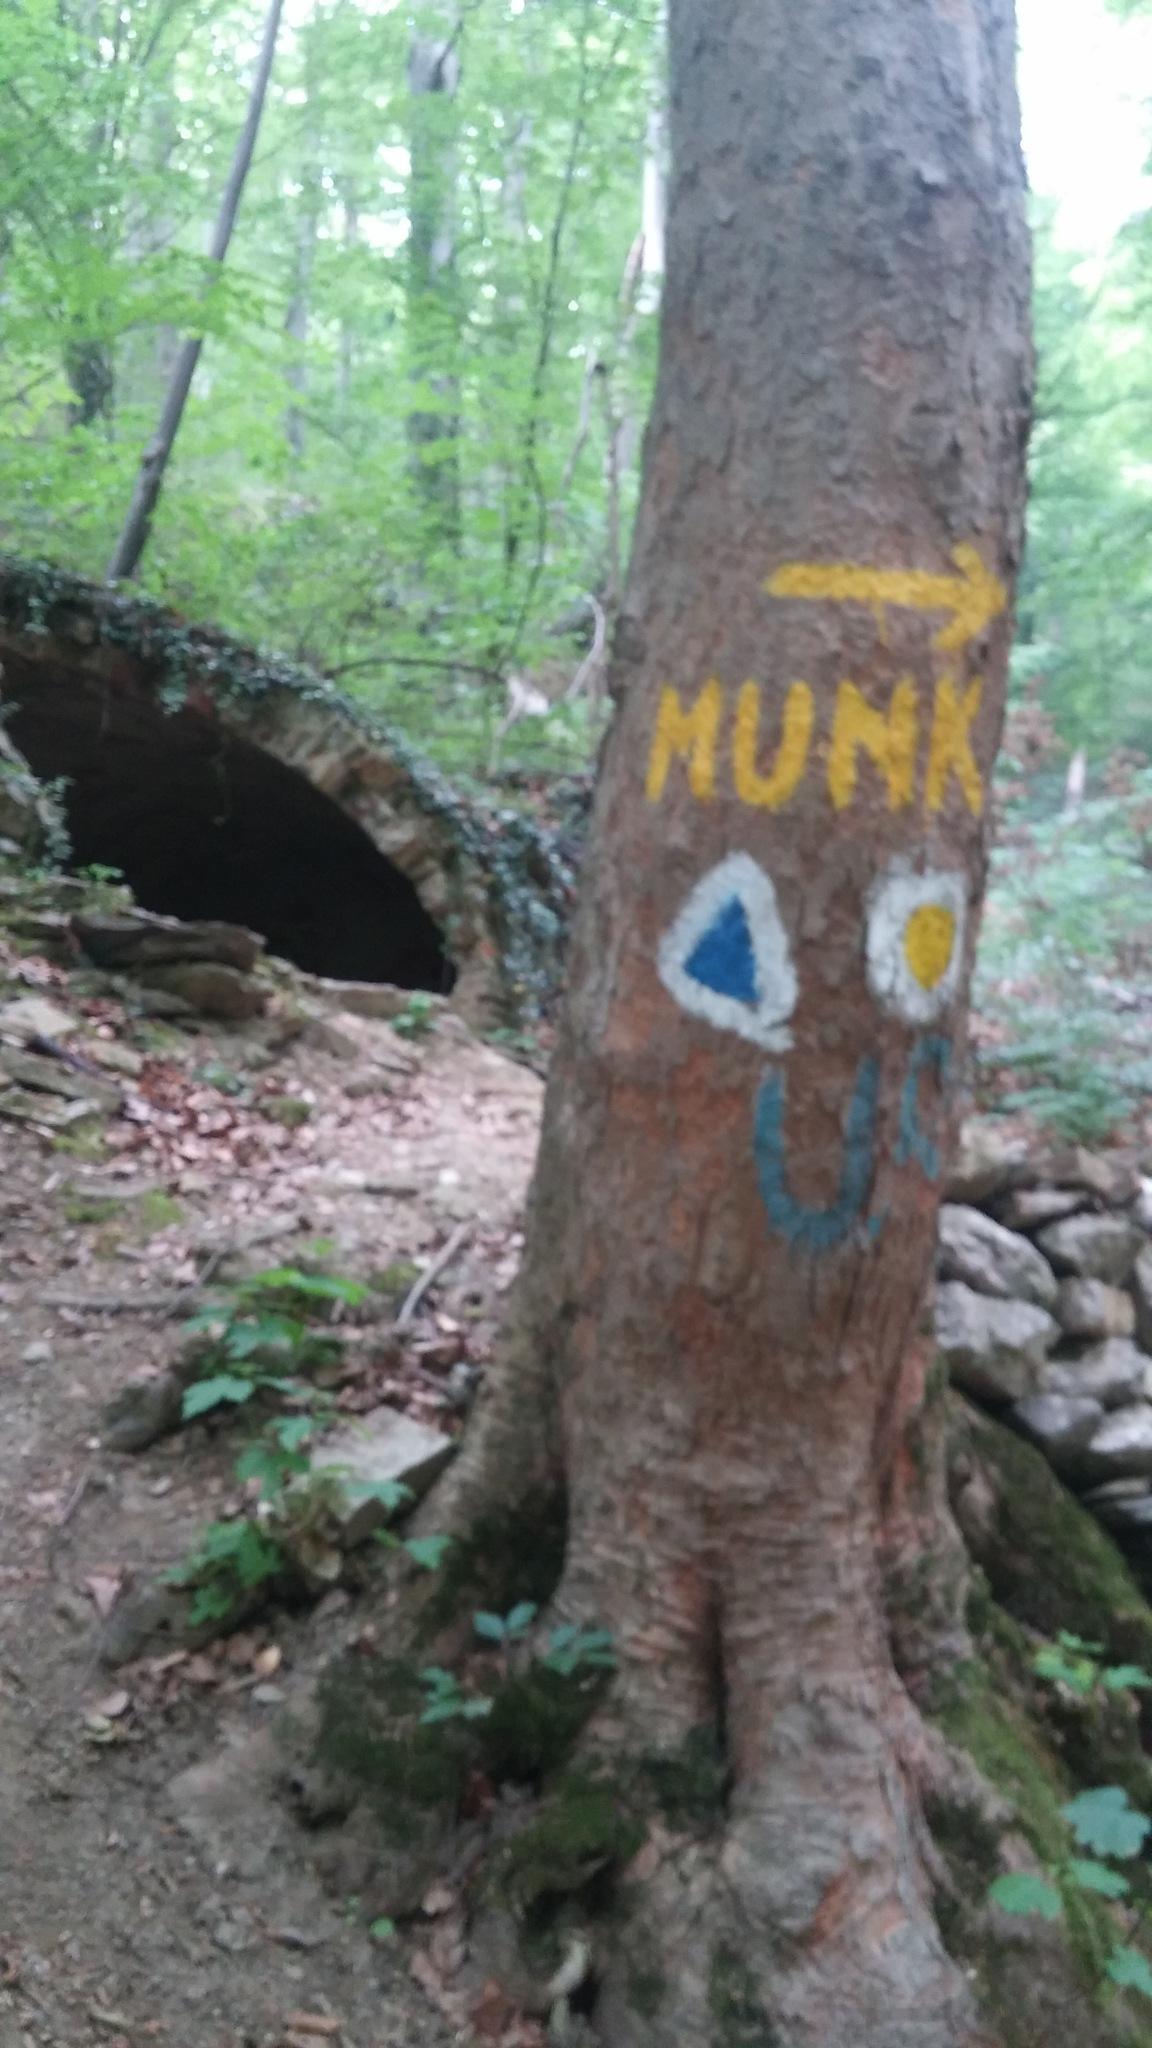 Izvorul Munk by marianatrailescu